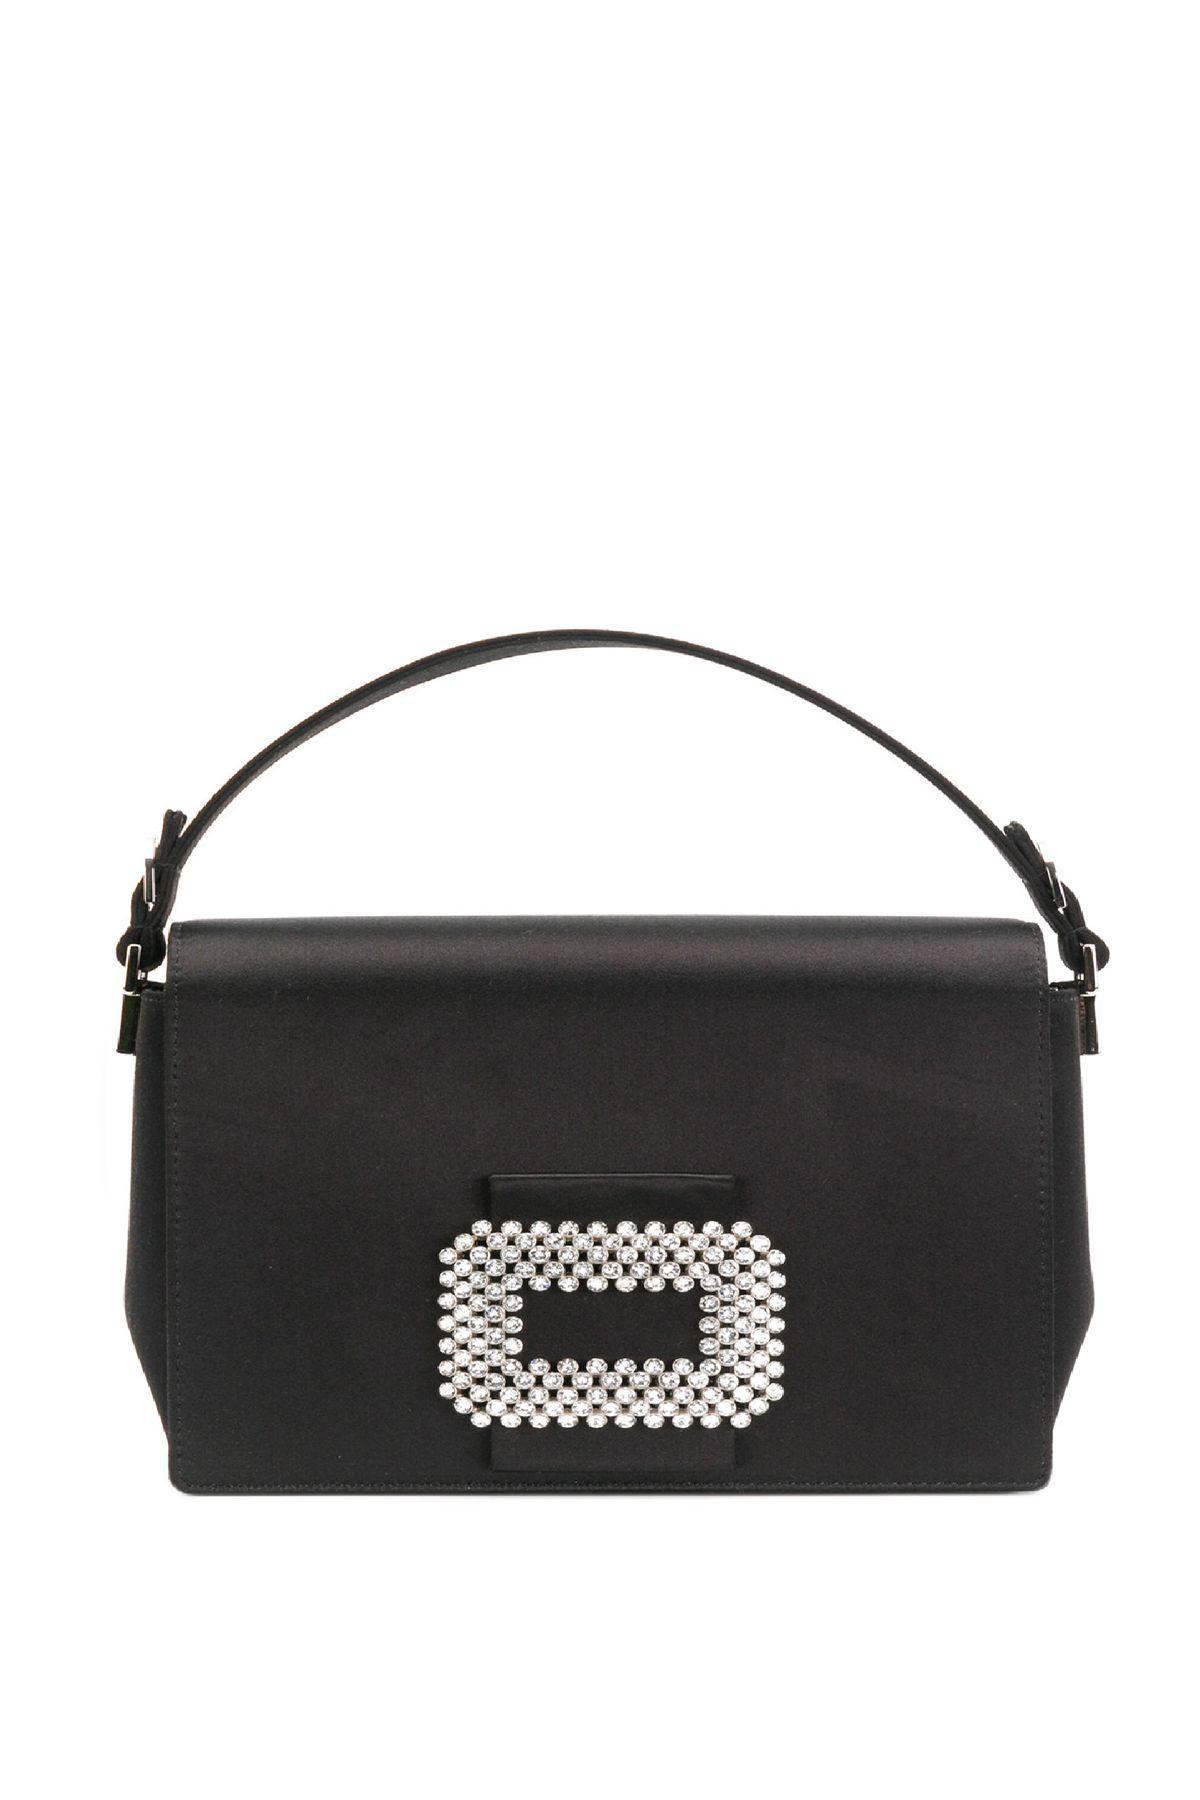 a2823fdea2 Roger Vivier Madame Viv Satin Shoulder Bag In Black